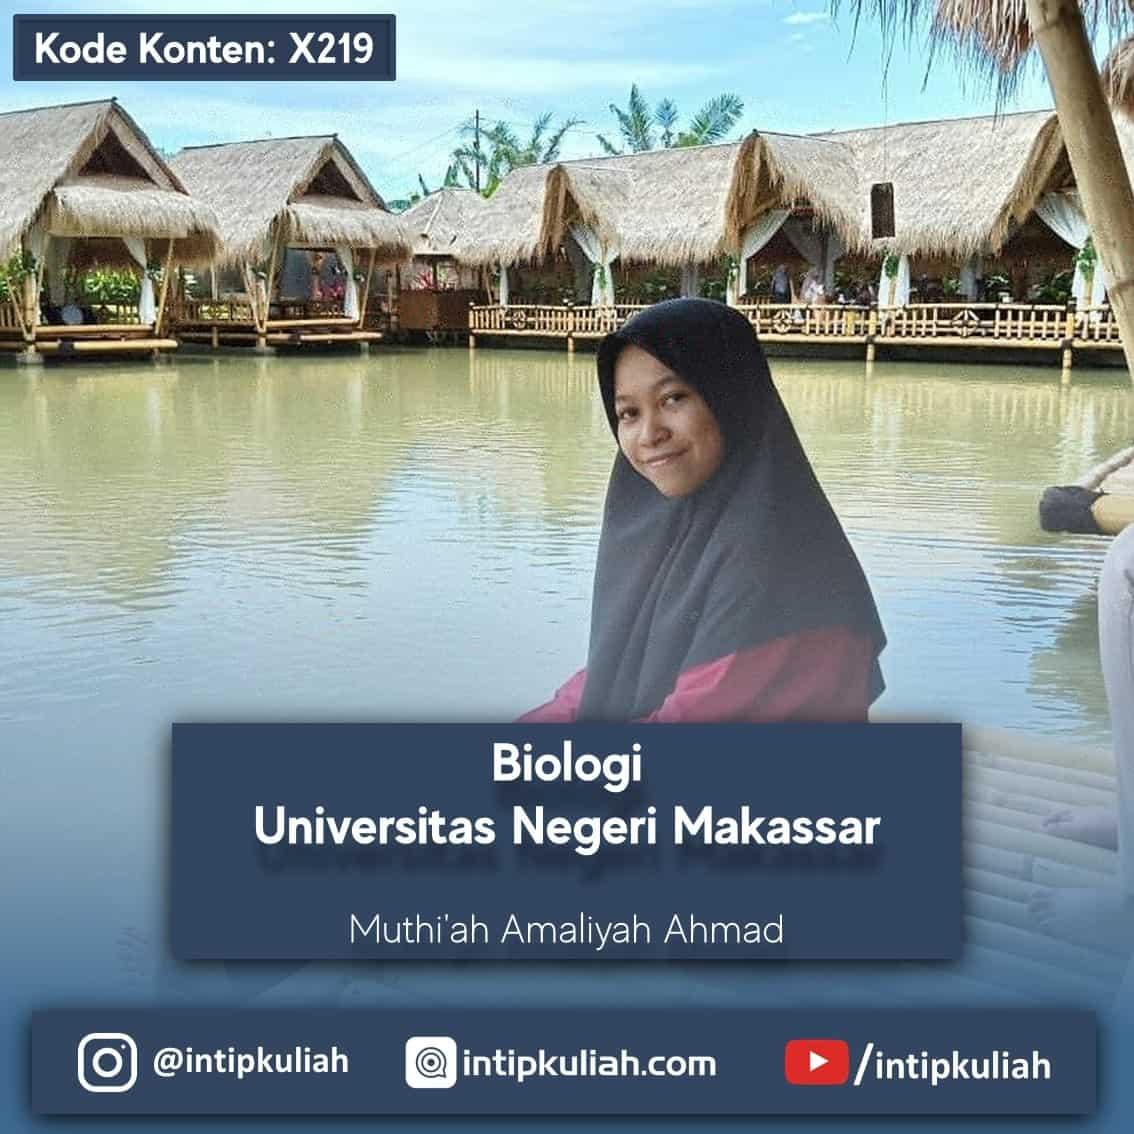 Pendidikan Biologi Universitas Negeri Makassar (Muthiah)